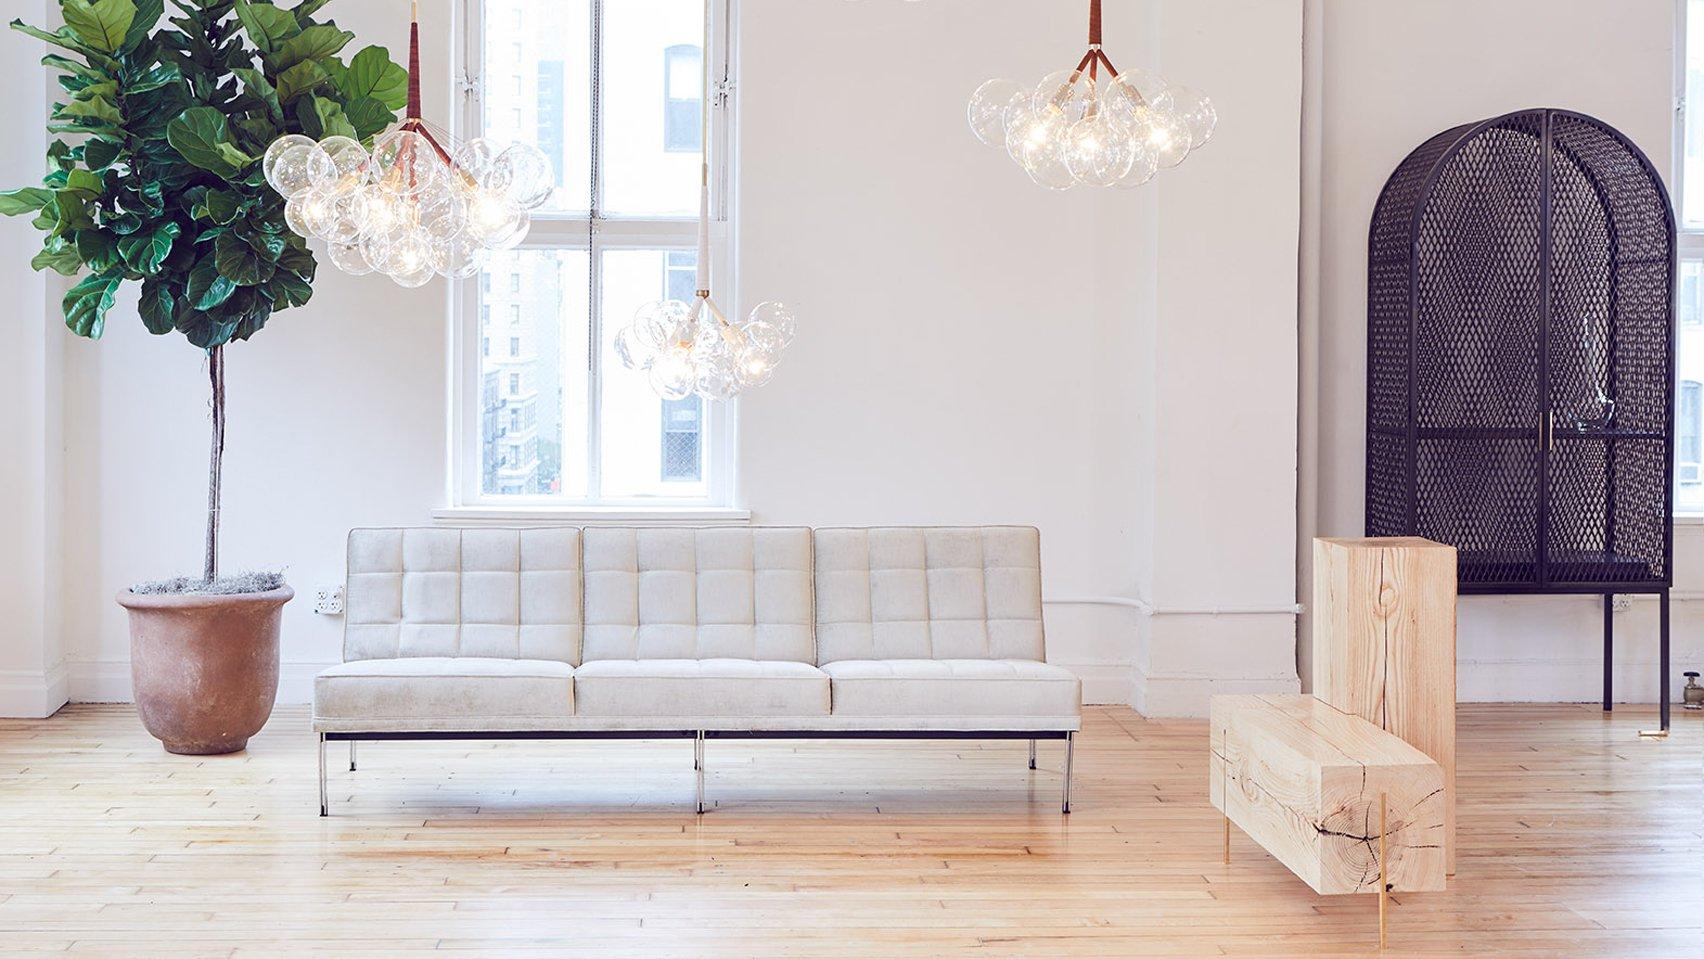 pelle-show-room-new-york-interiors_dezeen_heroa